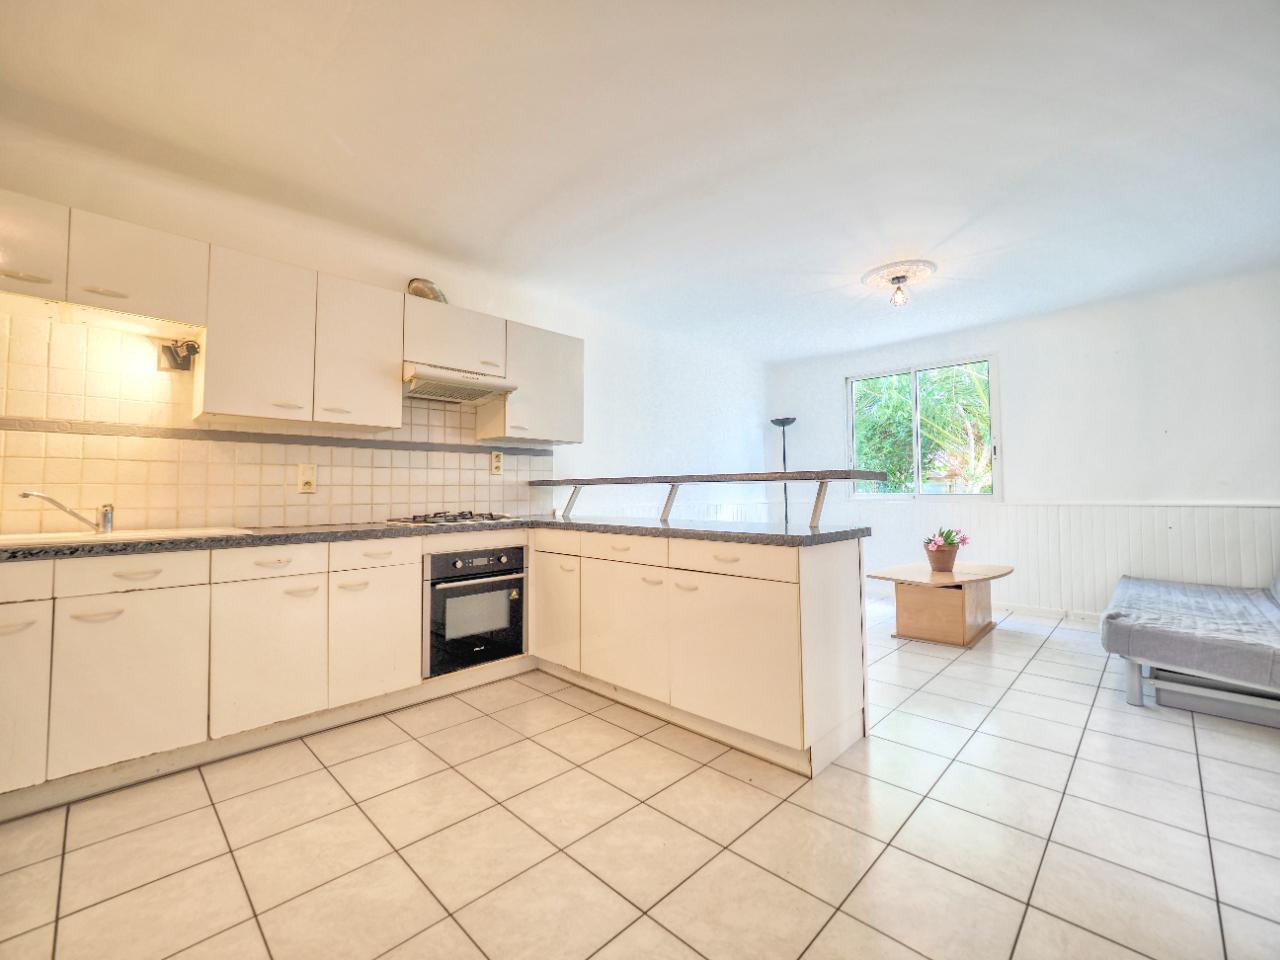 vente appartement à SAINT JEAN DE LUZ - 215 000